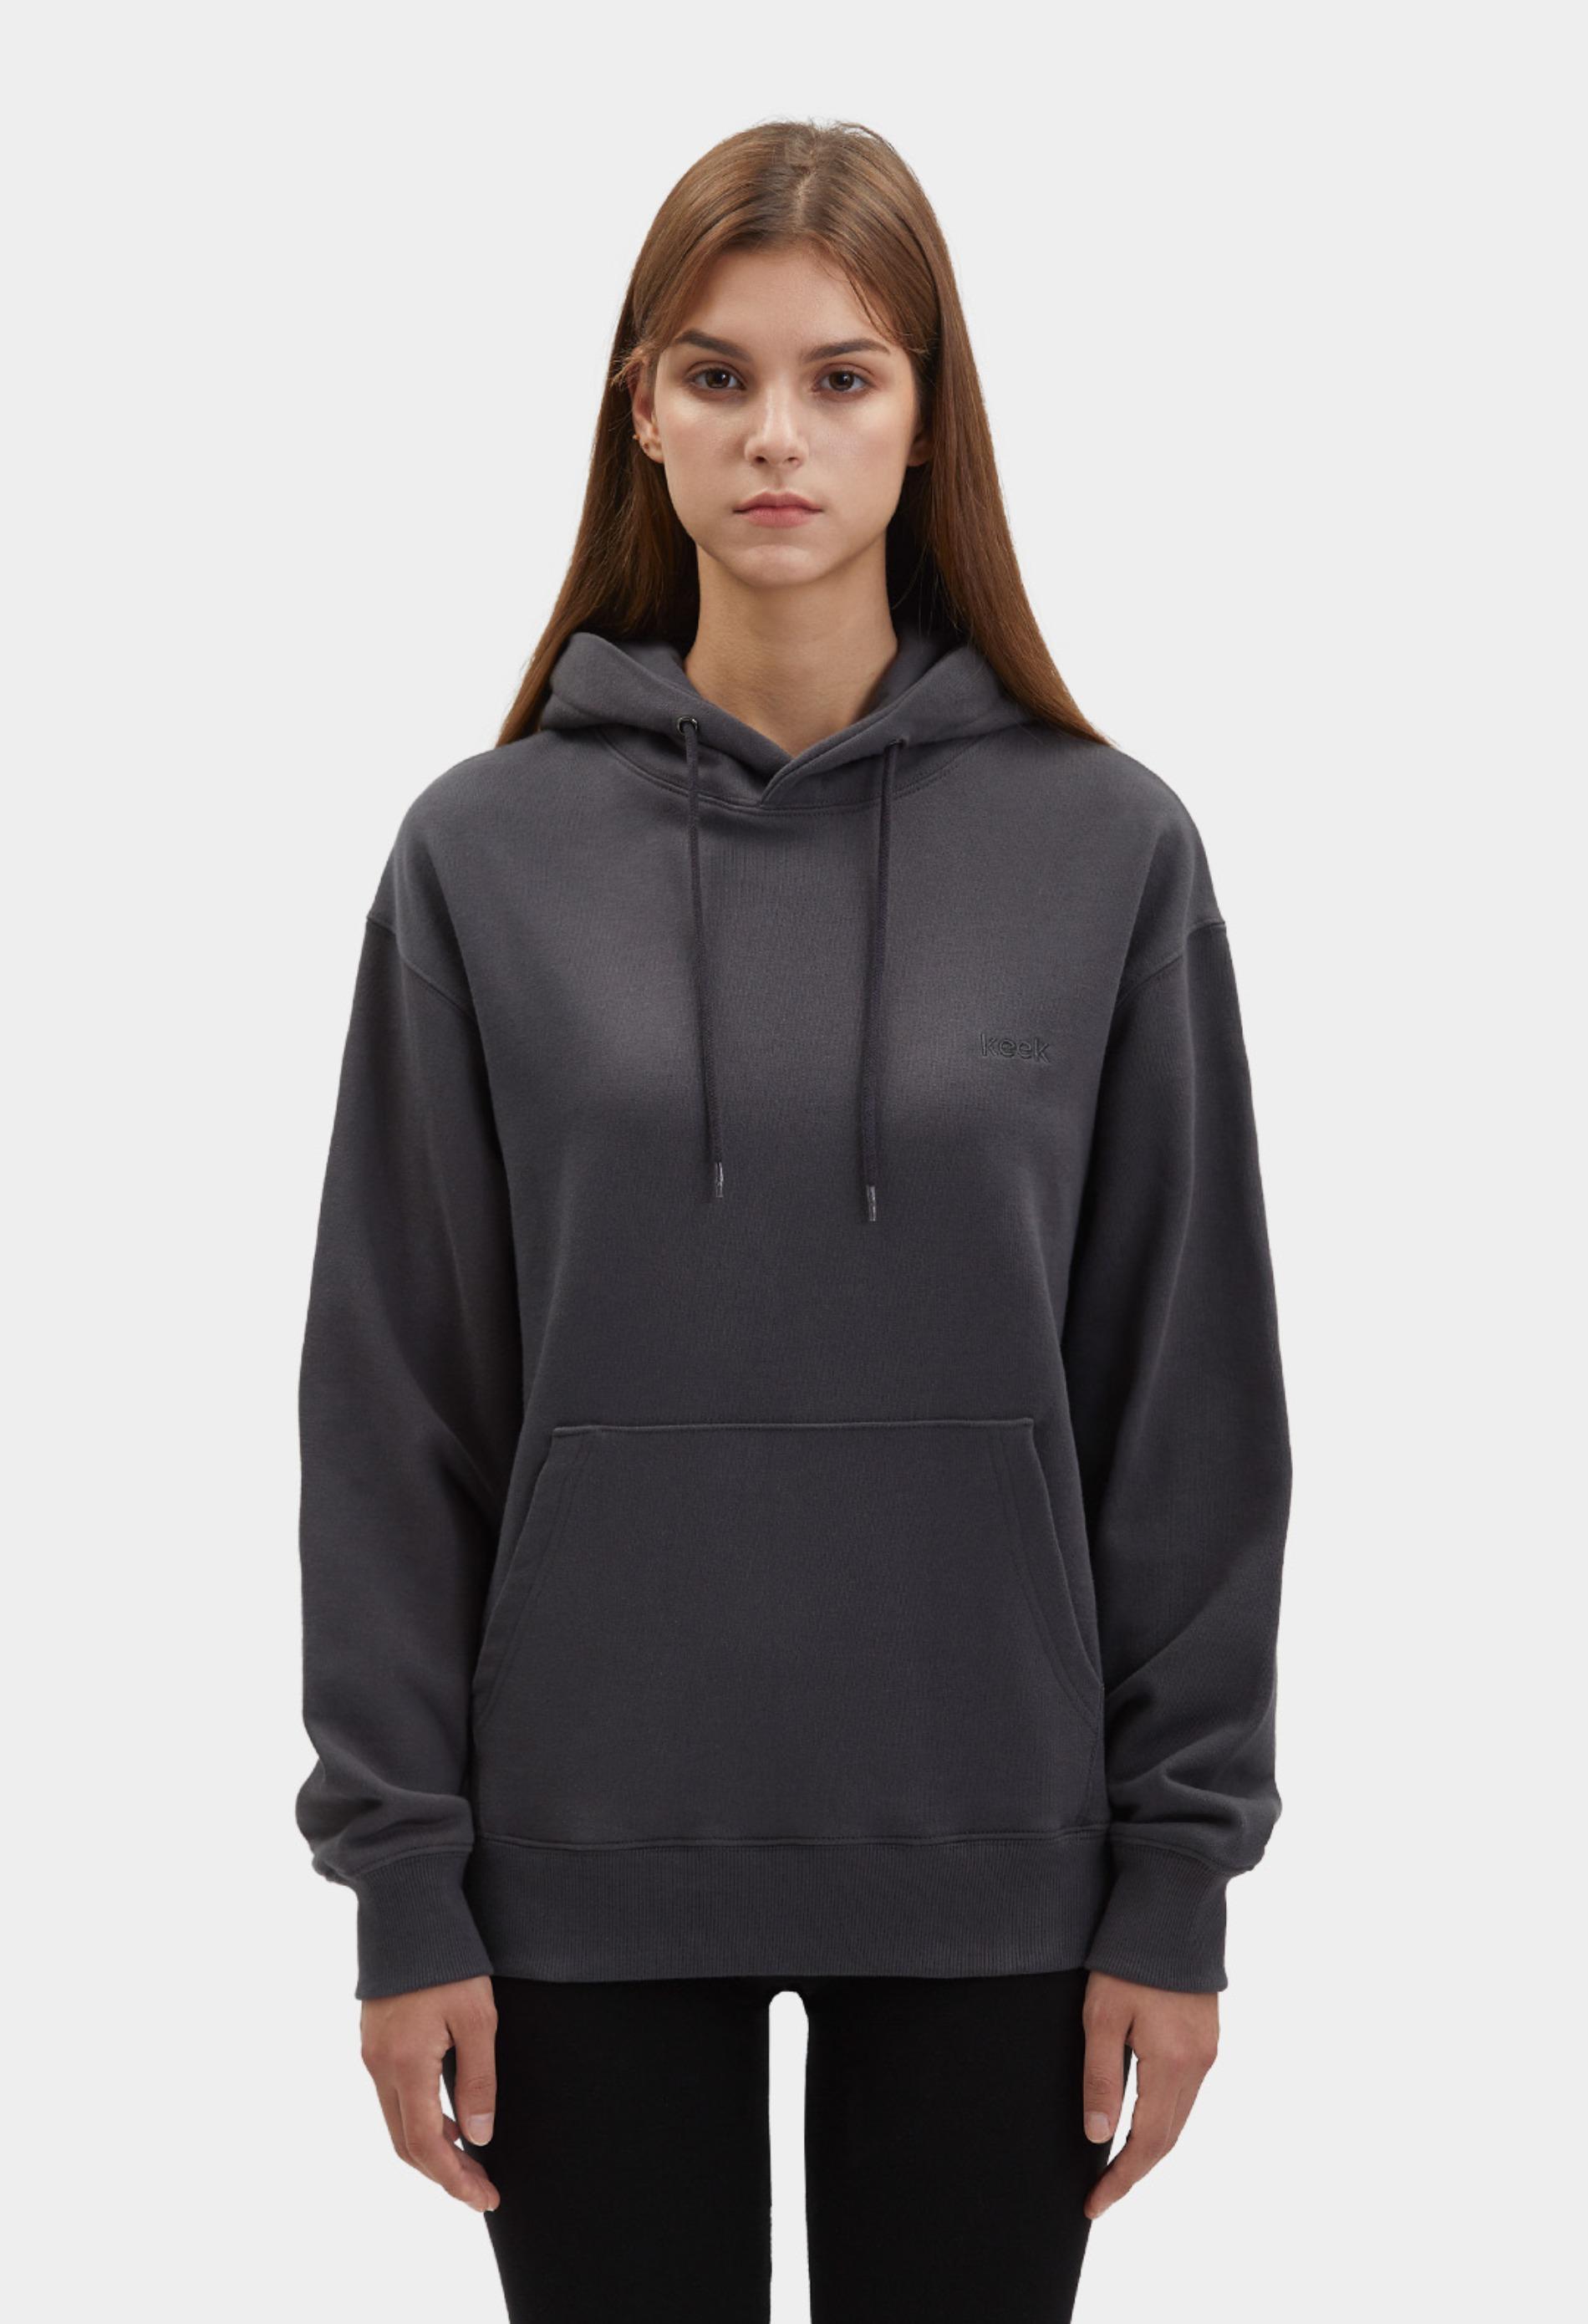 keek [Unisex] keek Hoodie - Charcoal 스트릿패션 유니섹스브랜드 커플시밀러룩 남자쇼핑몰 여성의류쇼핑몰 후드티 힙색